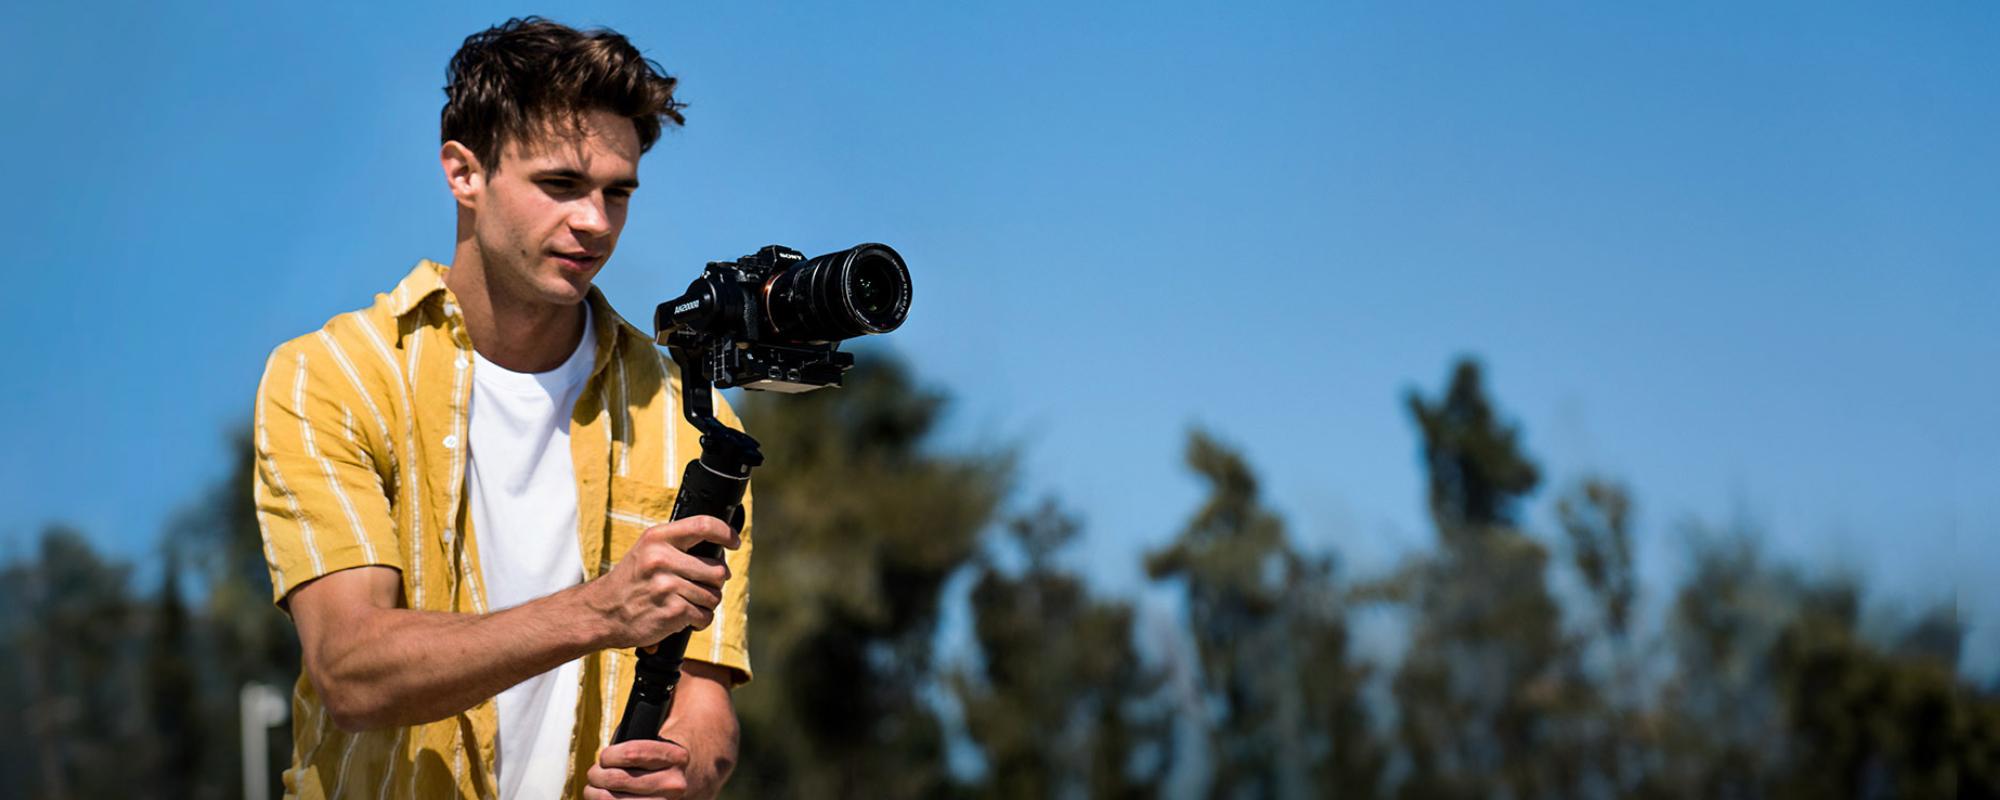 Męższczyzna nagrywajacy swoim aparatem umieszczonym na gimbalu AK2000S